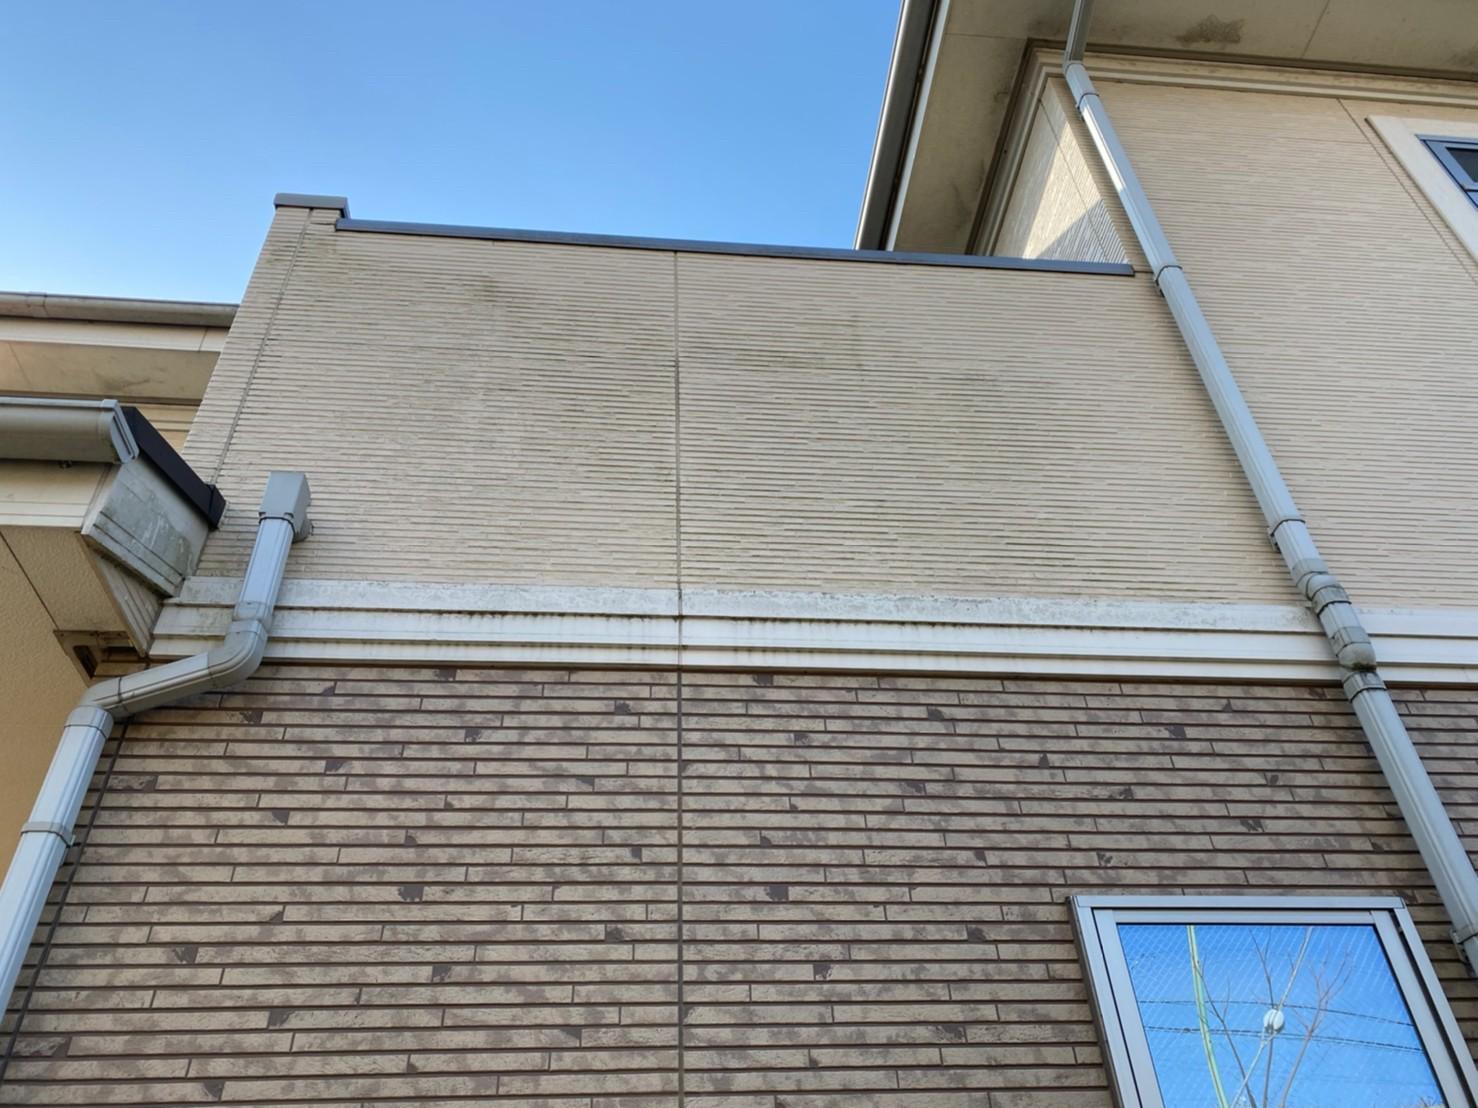 名古屋市港区 外壁塗装の無料建物診断! 築10年のサーラ住宅